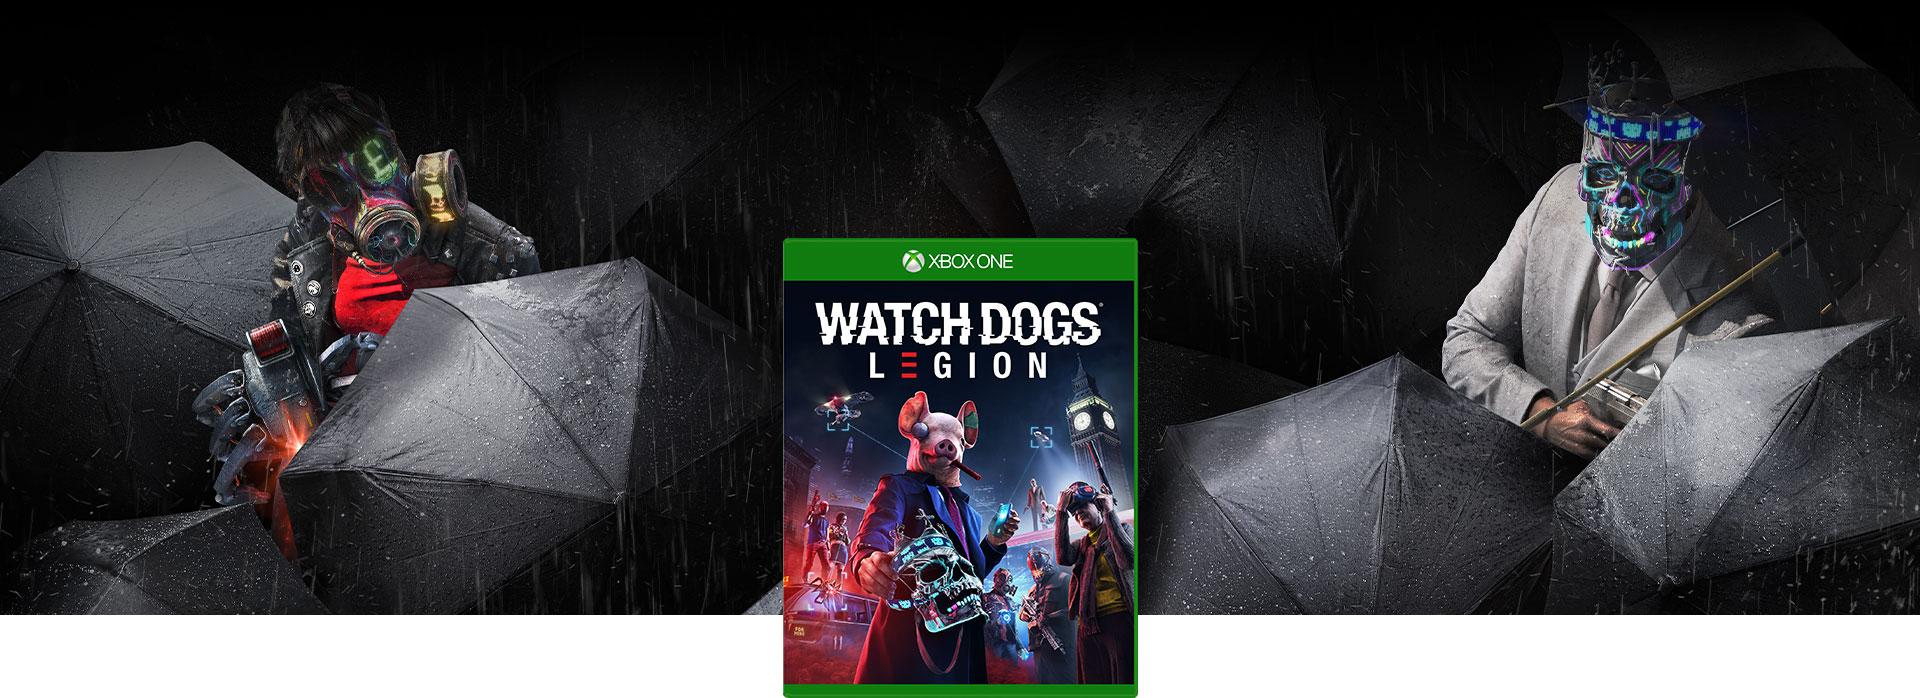 Snímek obalu hry Watch Dogs: Legion a dvě postavy se zbraněmi mezi černými deštníky, na které padá déšť